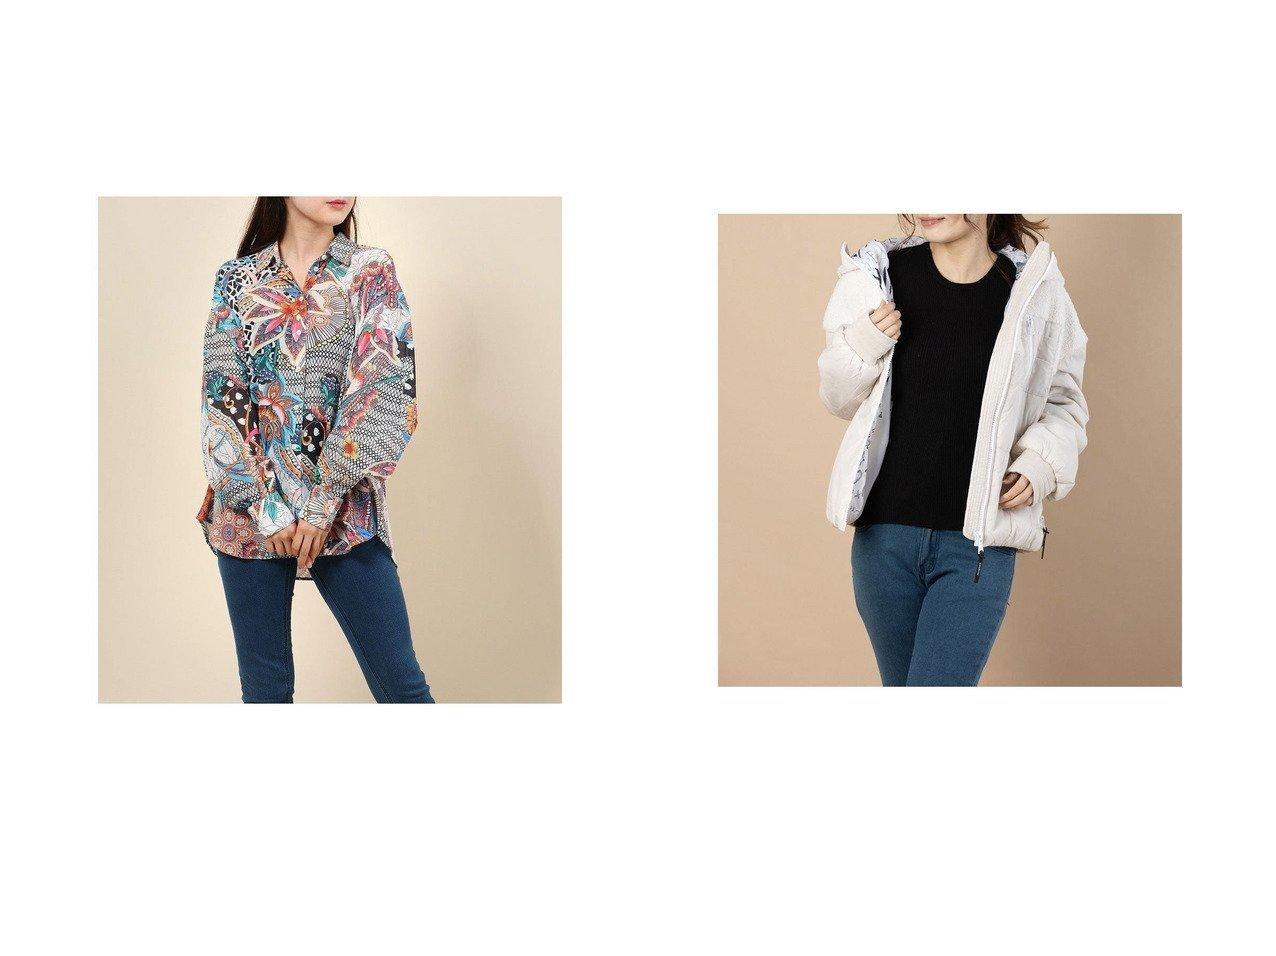 【Desigual/デシグアル】のパッド入り半オーバーコート WHITEHALL ROAD&長袖シャツ LENA Desigualのおすすめ!人気、トレンド・レディースファッションの通販 おすすめで人気の流行・トレンド、ファッションの通販商品 メンズファッション・キッズファッション・インテリア・家具・レディースファッション・服の通販 founy(ファニー) https://founy.com/ ファッション Fashion レディースファッション WOMEN トップス Tops Tshirt シャツ/ブラウス Shirts Blouses アウター Coat Outerwear コート Coats 2020年 2020 2020 春夏 S/S SS Spring/Summer 2020 S/S 春夏 SS Spring/Summer オリエンタル プリント 春 Spring 長袖 ジャケット ポケット 2021年 2021 2021 春夏 S/S SS Spring/Summer 2021 |ID:crp329100000019756